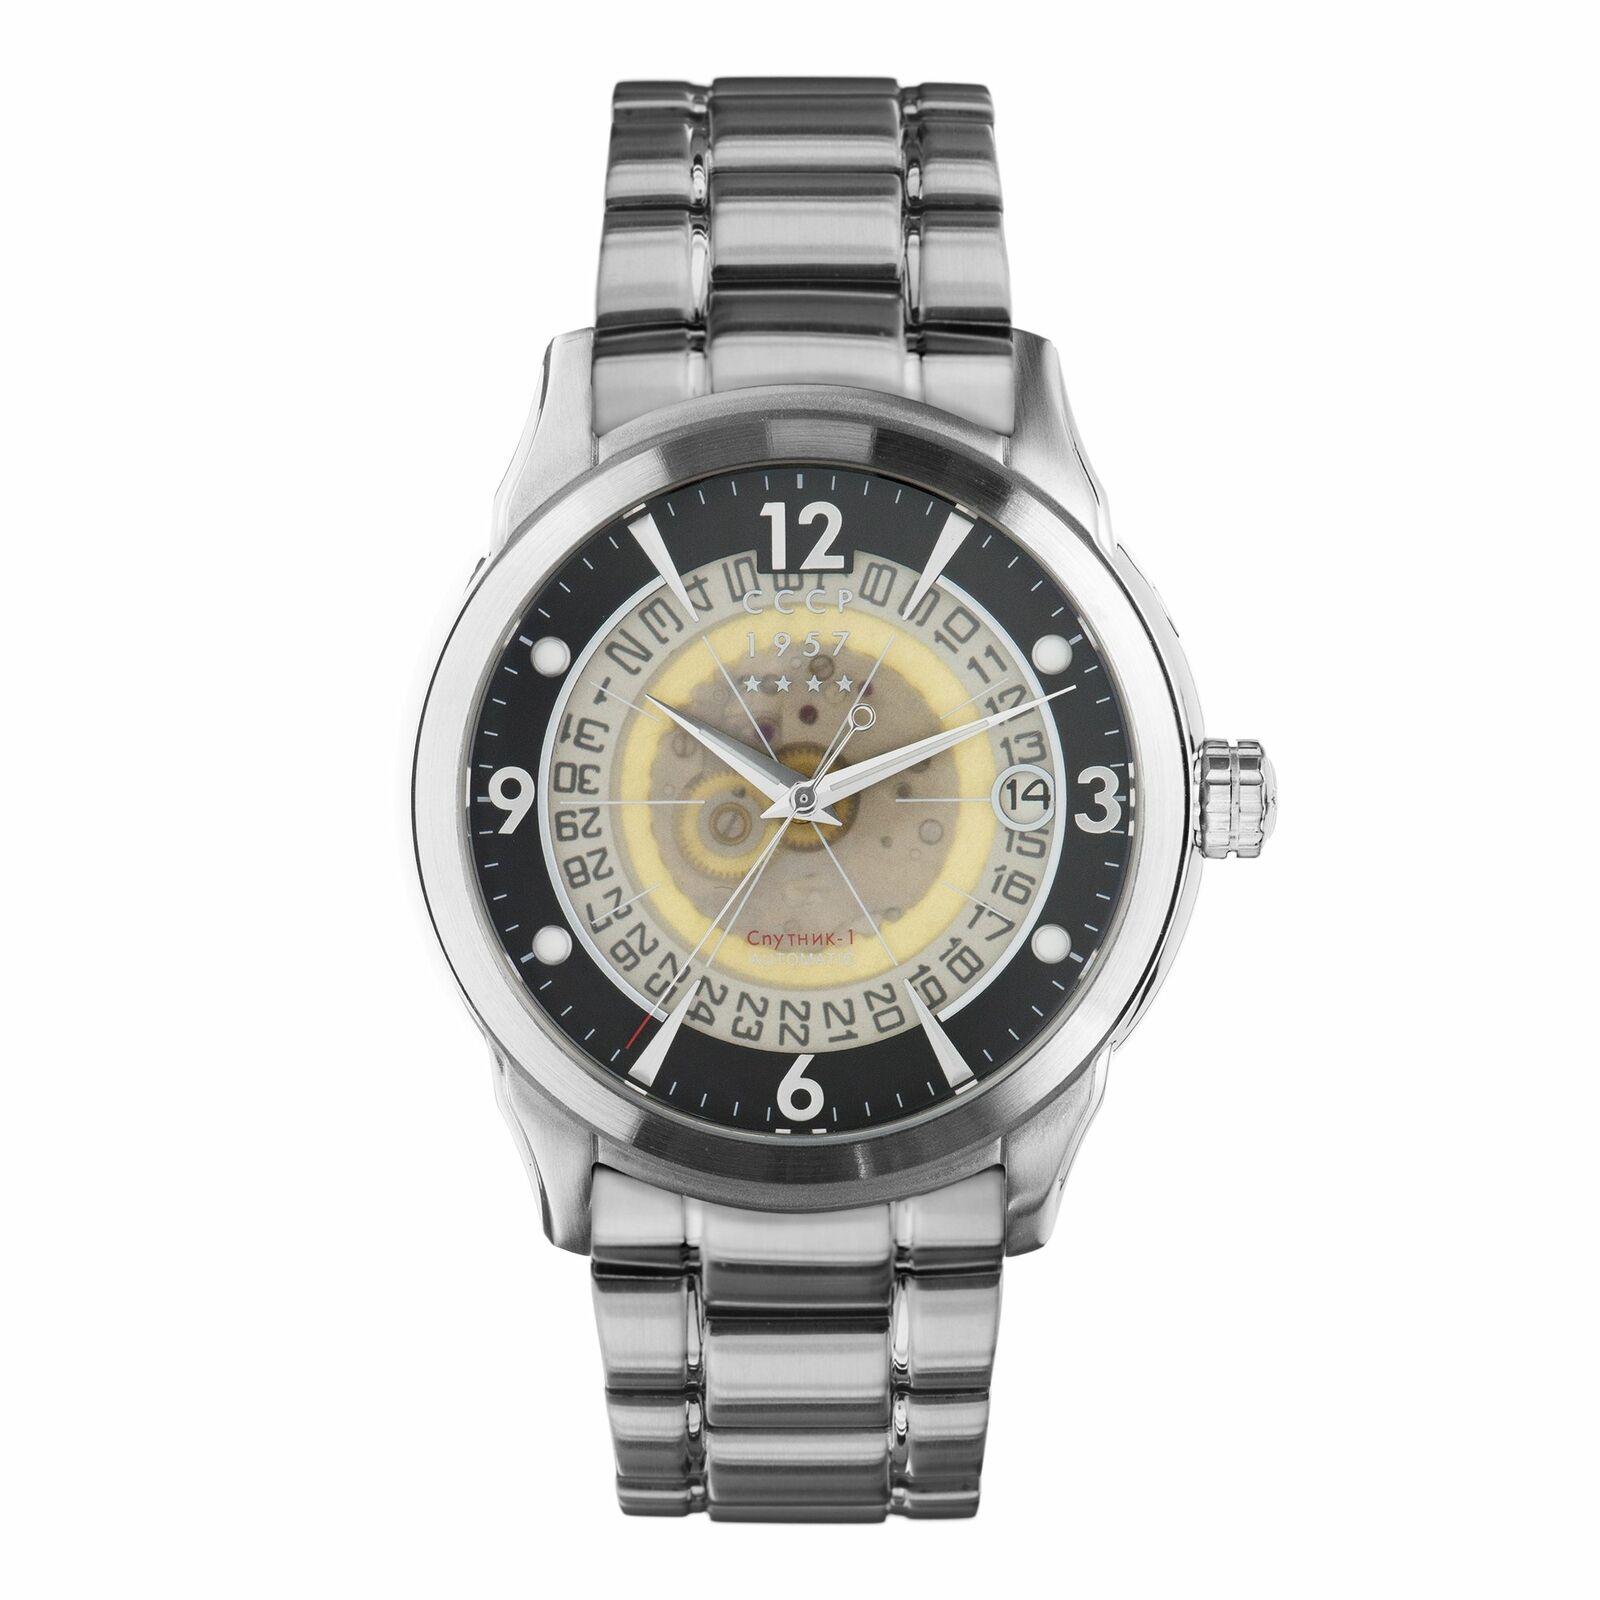 Спутник стоимость часы за няня на дом час стоимость